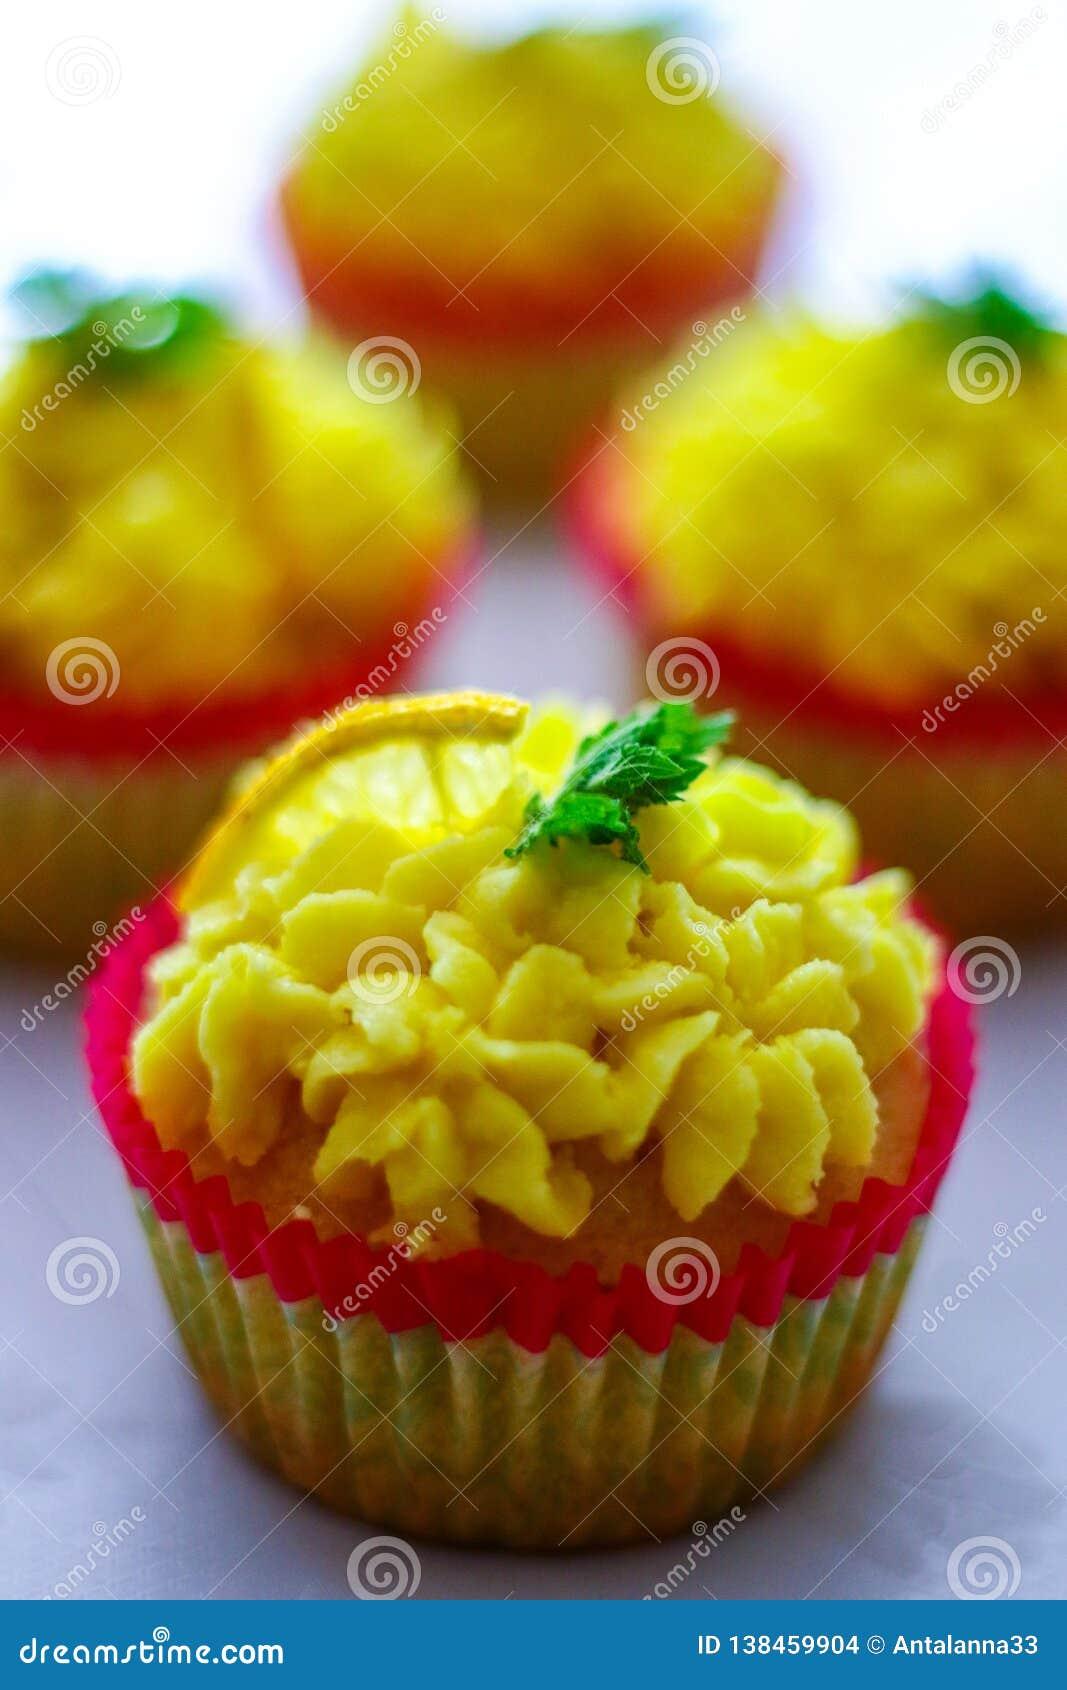 Cupcakes met een citroen cupcake bij de voor, ondiepe nadruk, nadruk op citroen buttercream